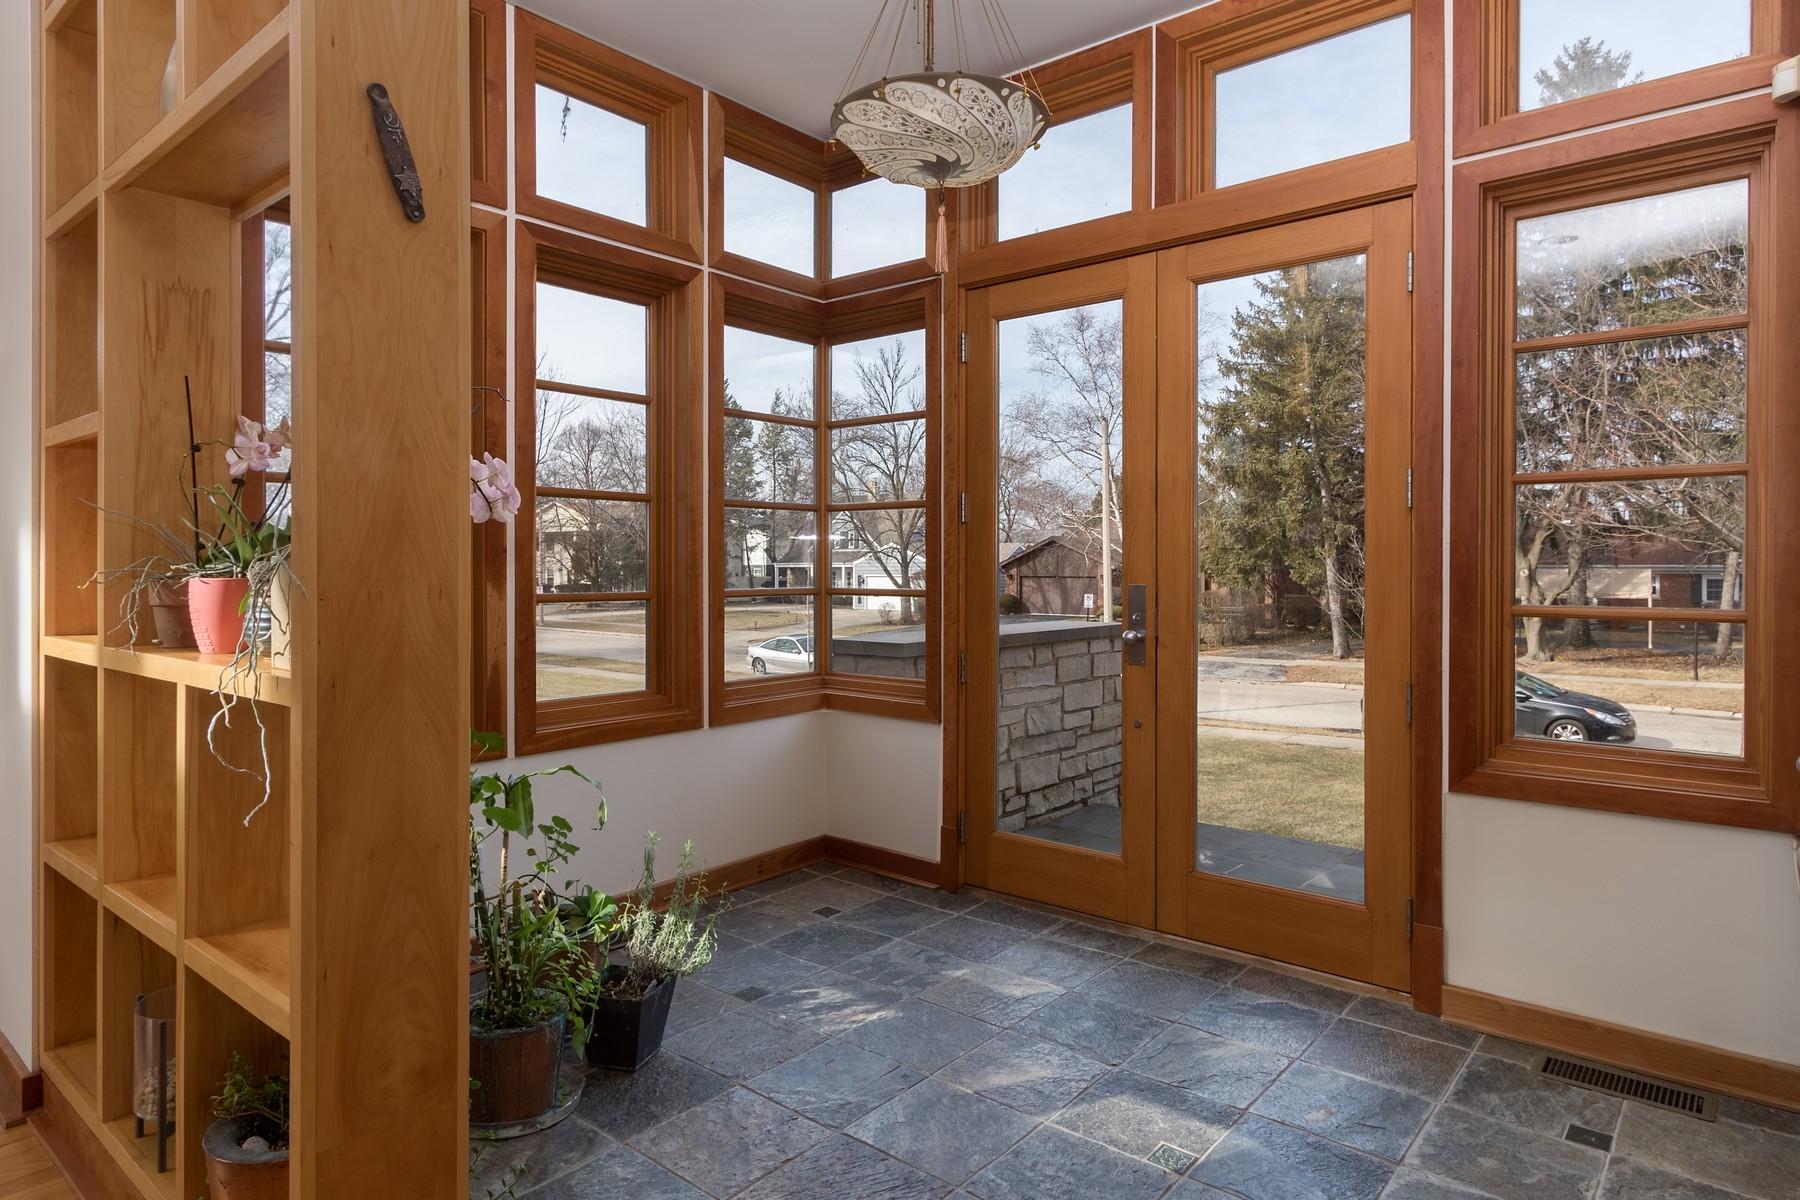 Einfamilienhaus für Verkauf beim One of a Kind, Contemporary Wilmette Home 3221 Wilmette Avenue Wilmette, Illinois, 60091 Vereinigte Staaten